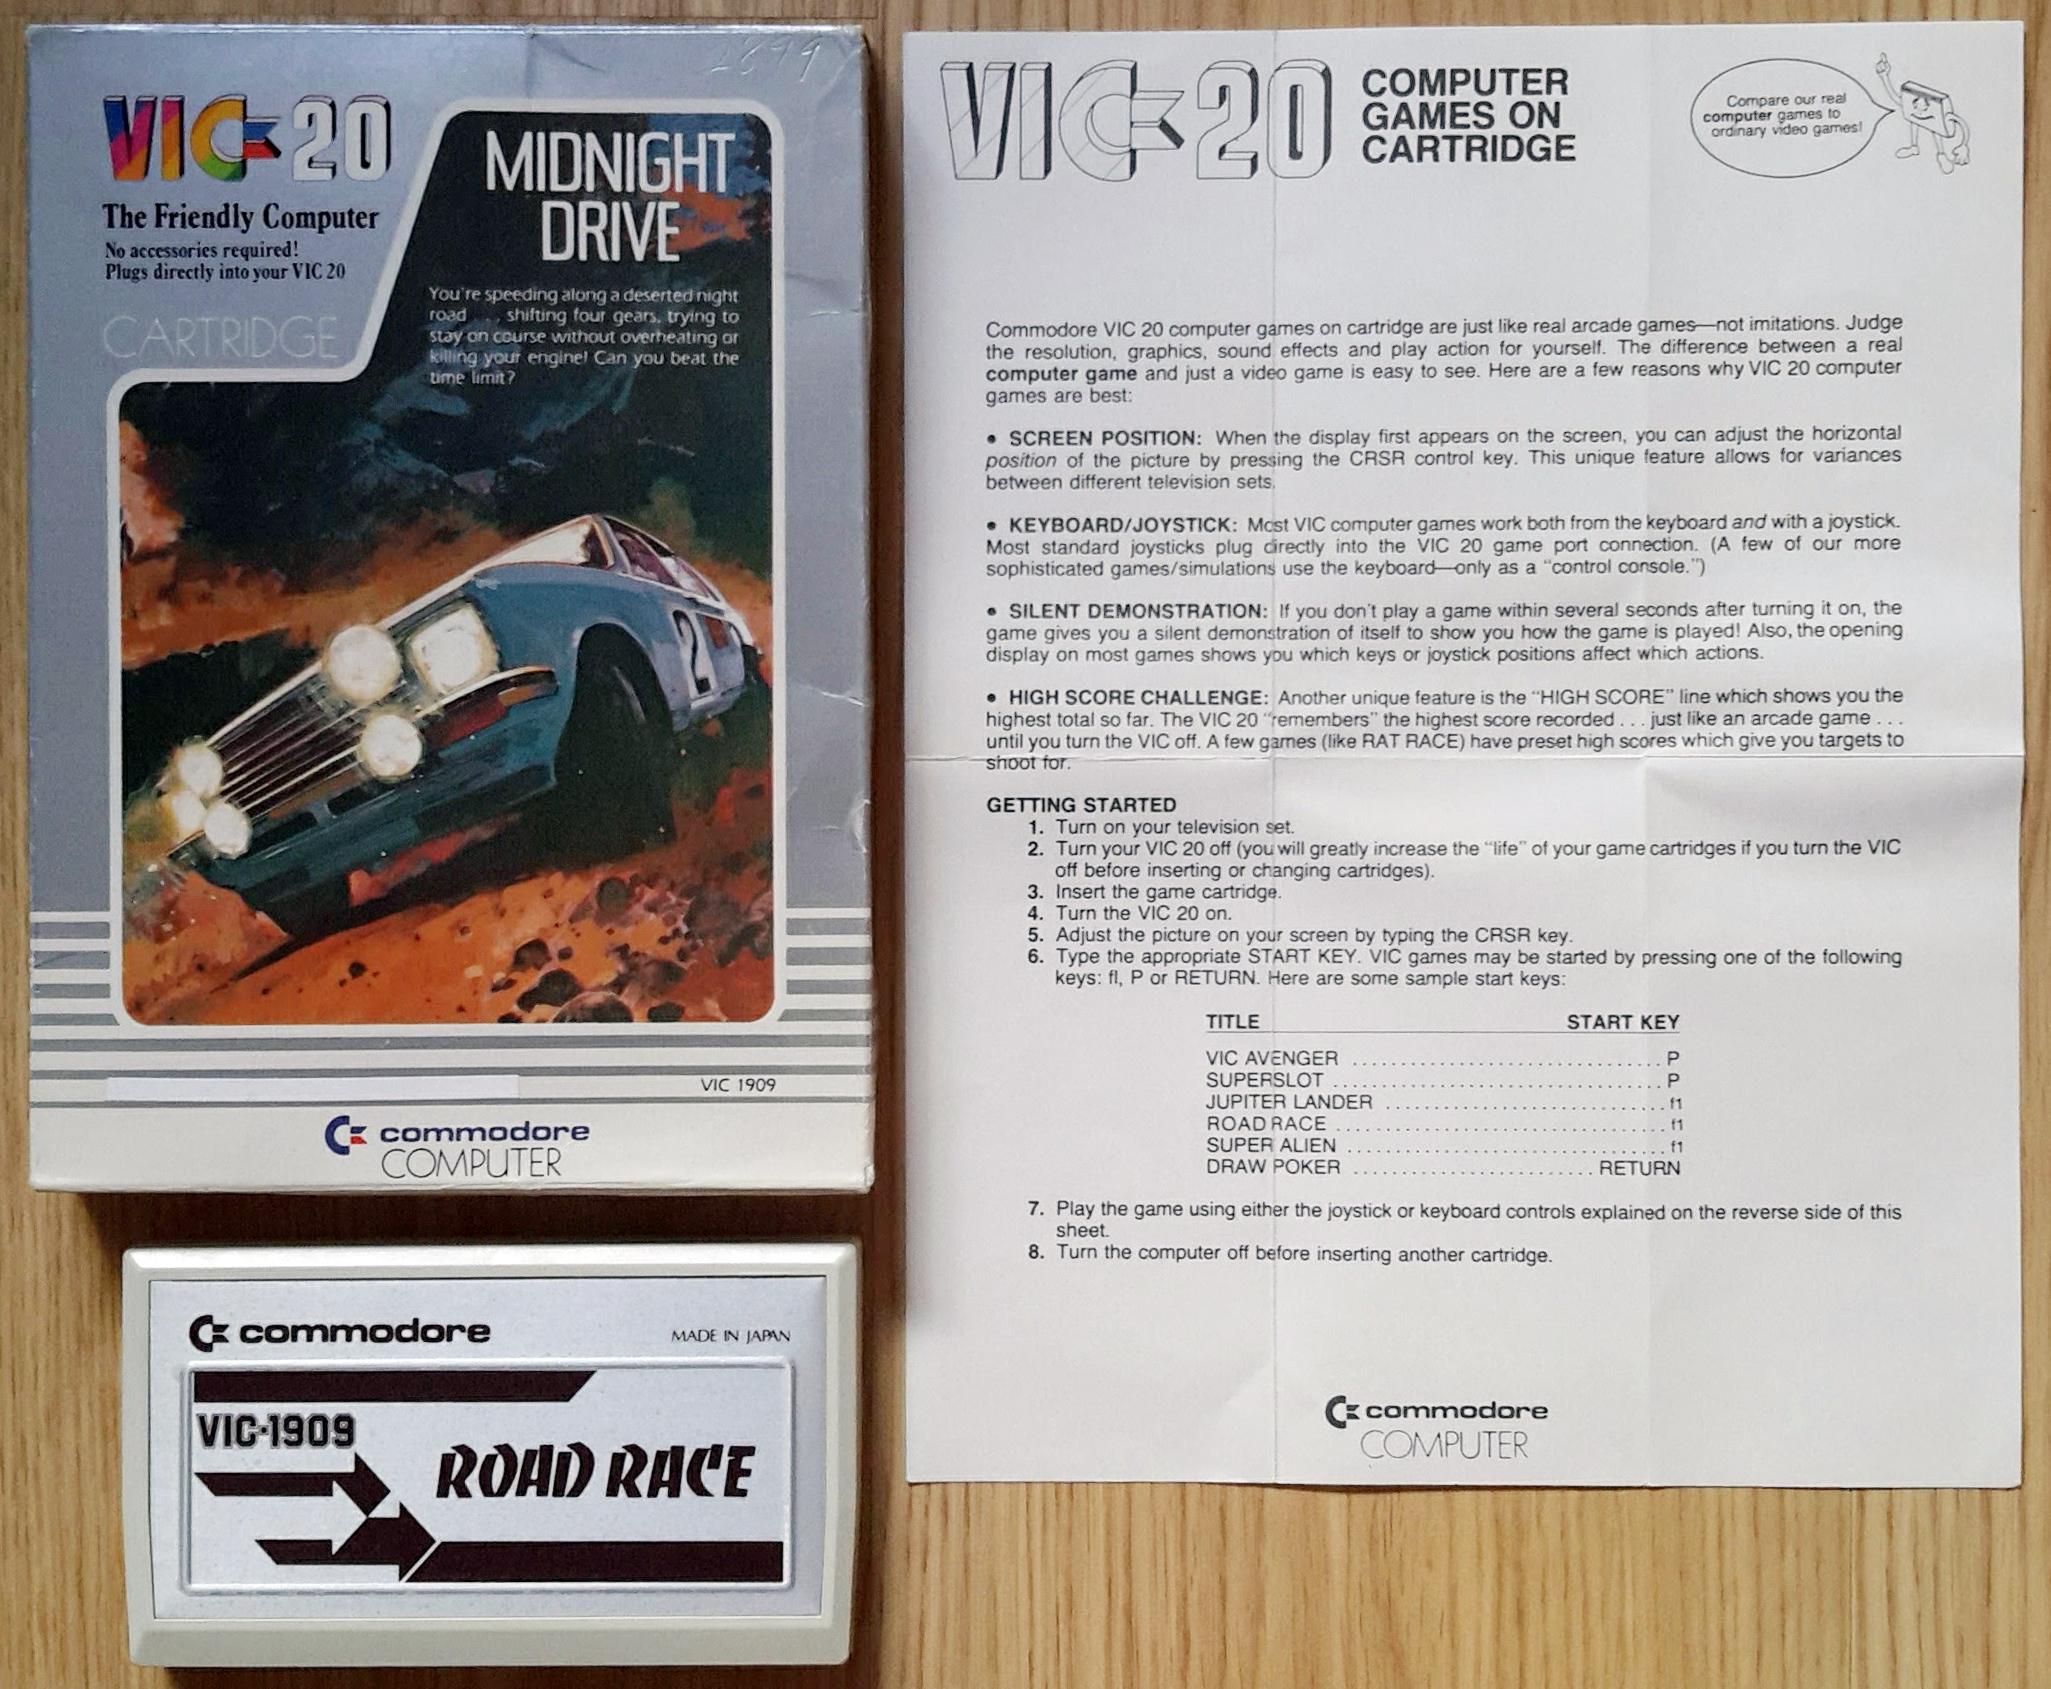 File:VIC-1909 Midnight Drive jpg - DenialWIKI